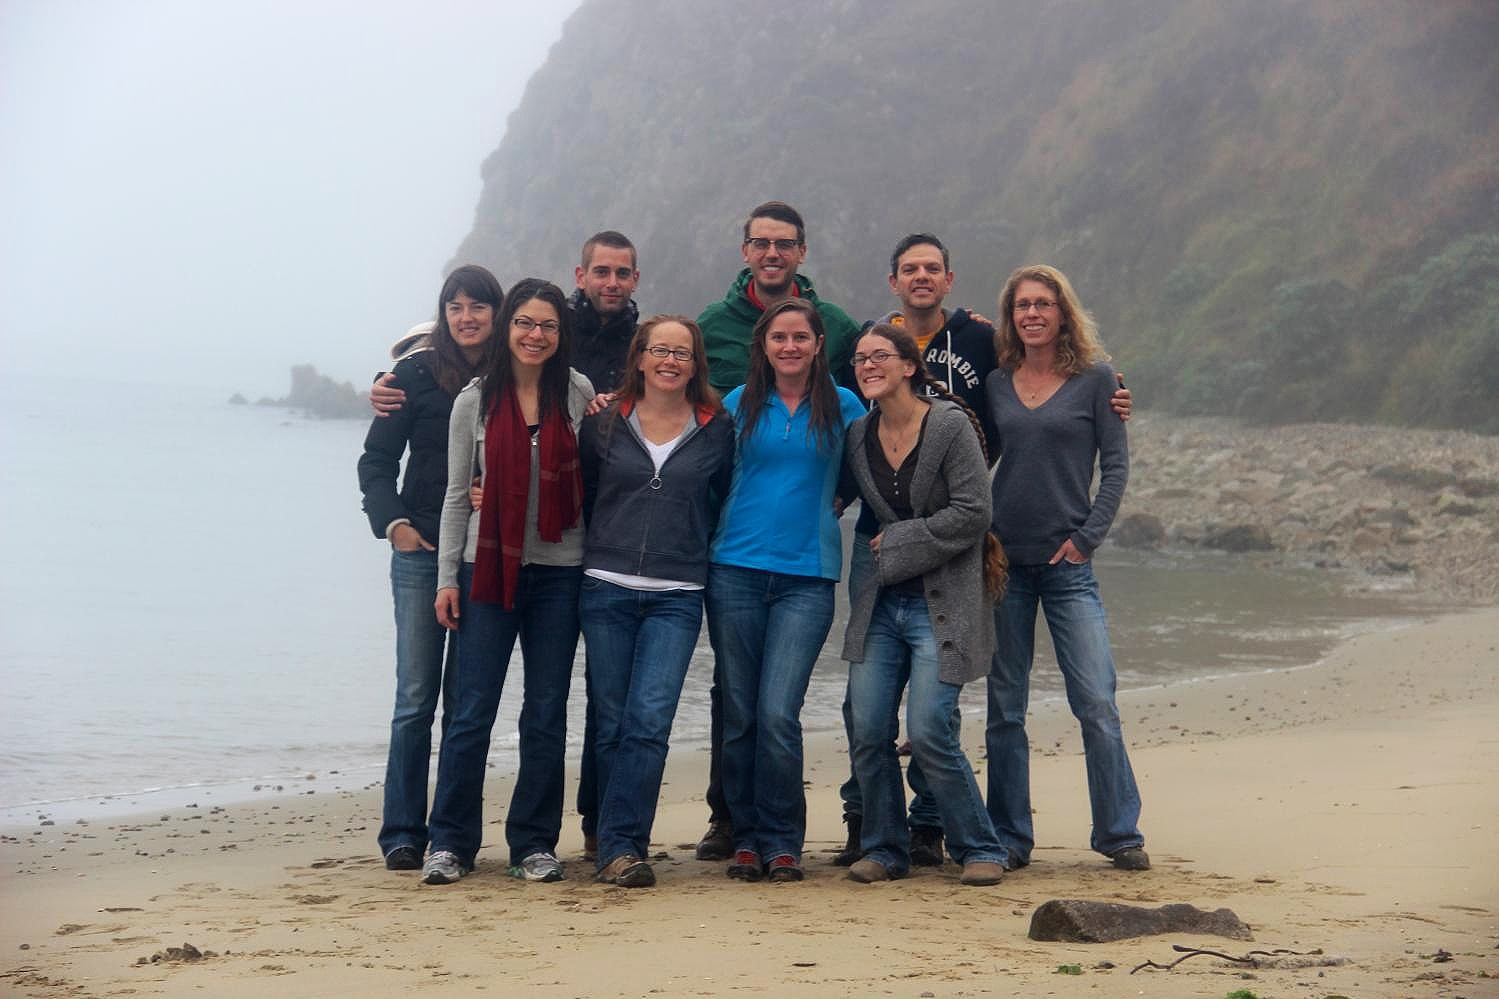 Lab Retreat 2013: Joan Dudney, Lauren Hallett, Pierre Mariotte, Erica Spotswood, Dylan Chapple, SaraJo Dickens, Emily Farrer, Fernando Bechara, Katie Suding